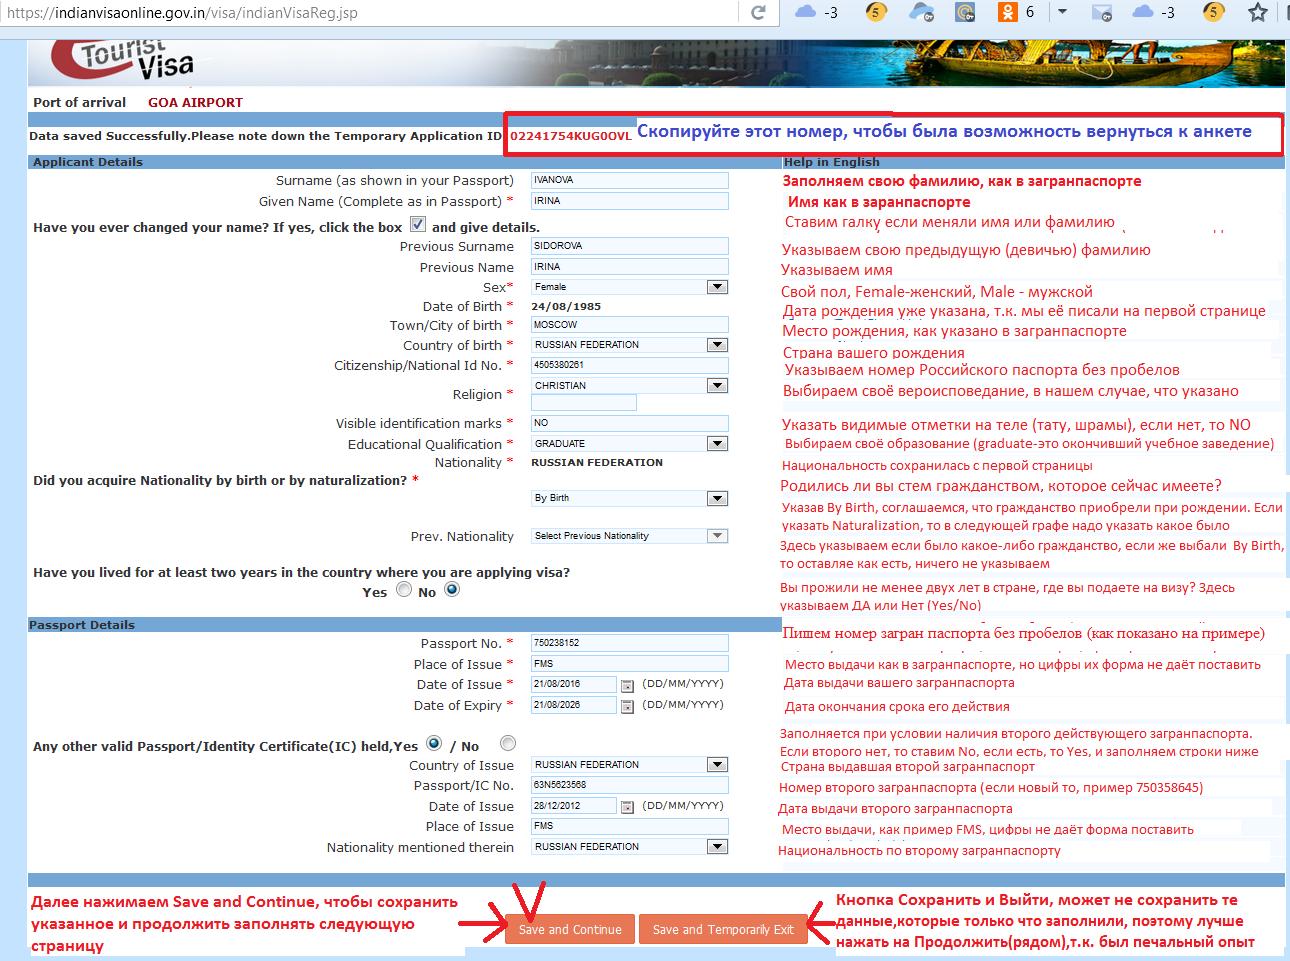 Как заполнить анкету на электронную (онлайн) визу в Индию.